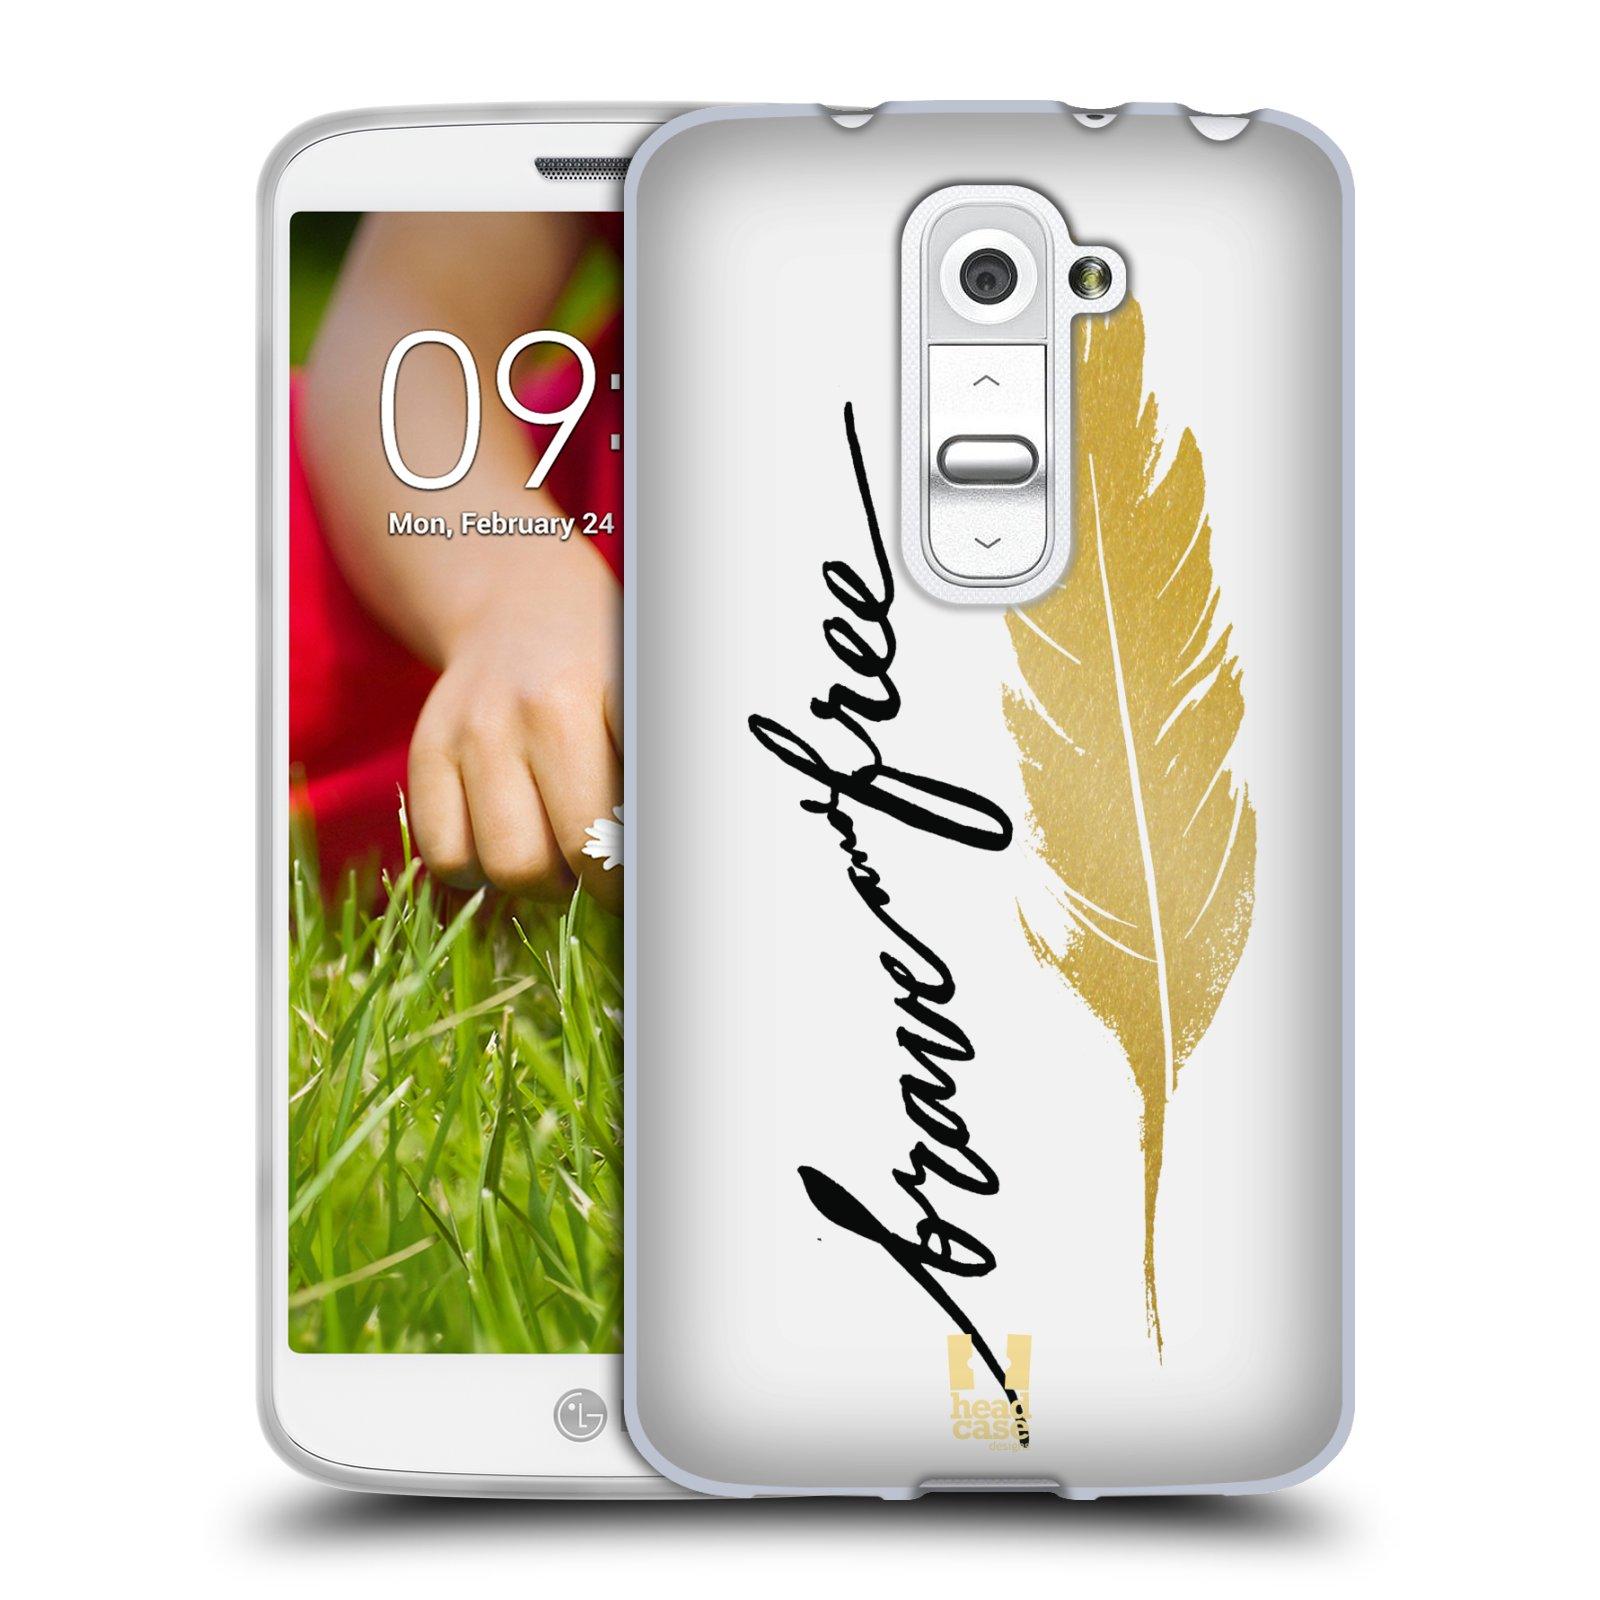 Silikonové pouzdro na mobil LG G2 Mini HEAD CASE PÍRKO ZLATÉ FREE (Silikonový kryt či obal na mobilní telefon LG G2 Mini D620)